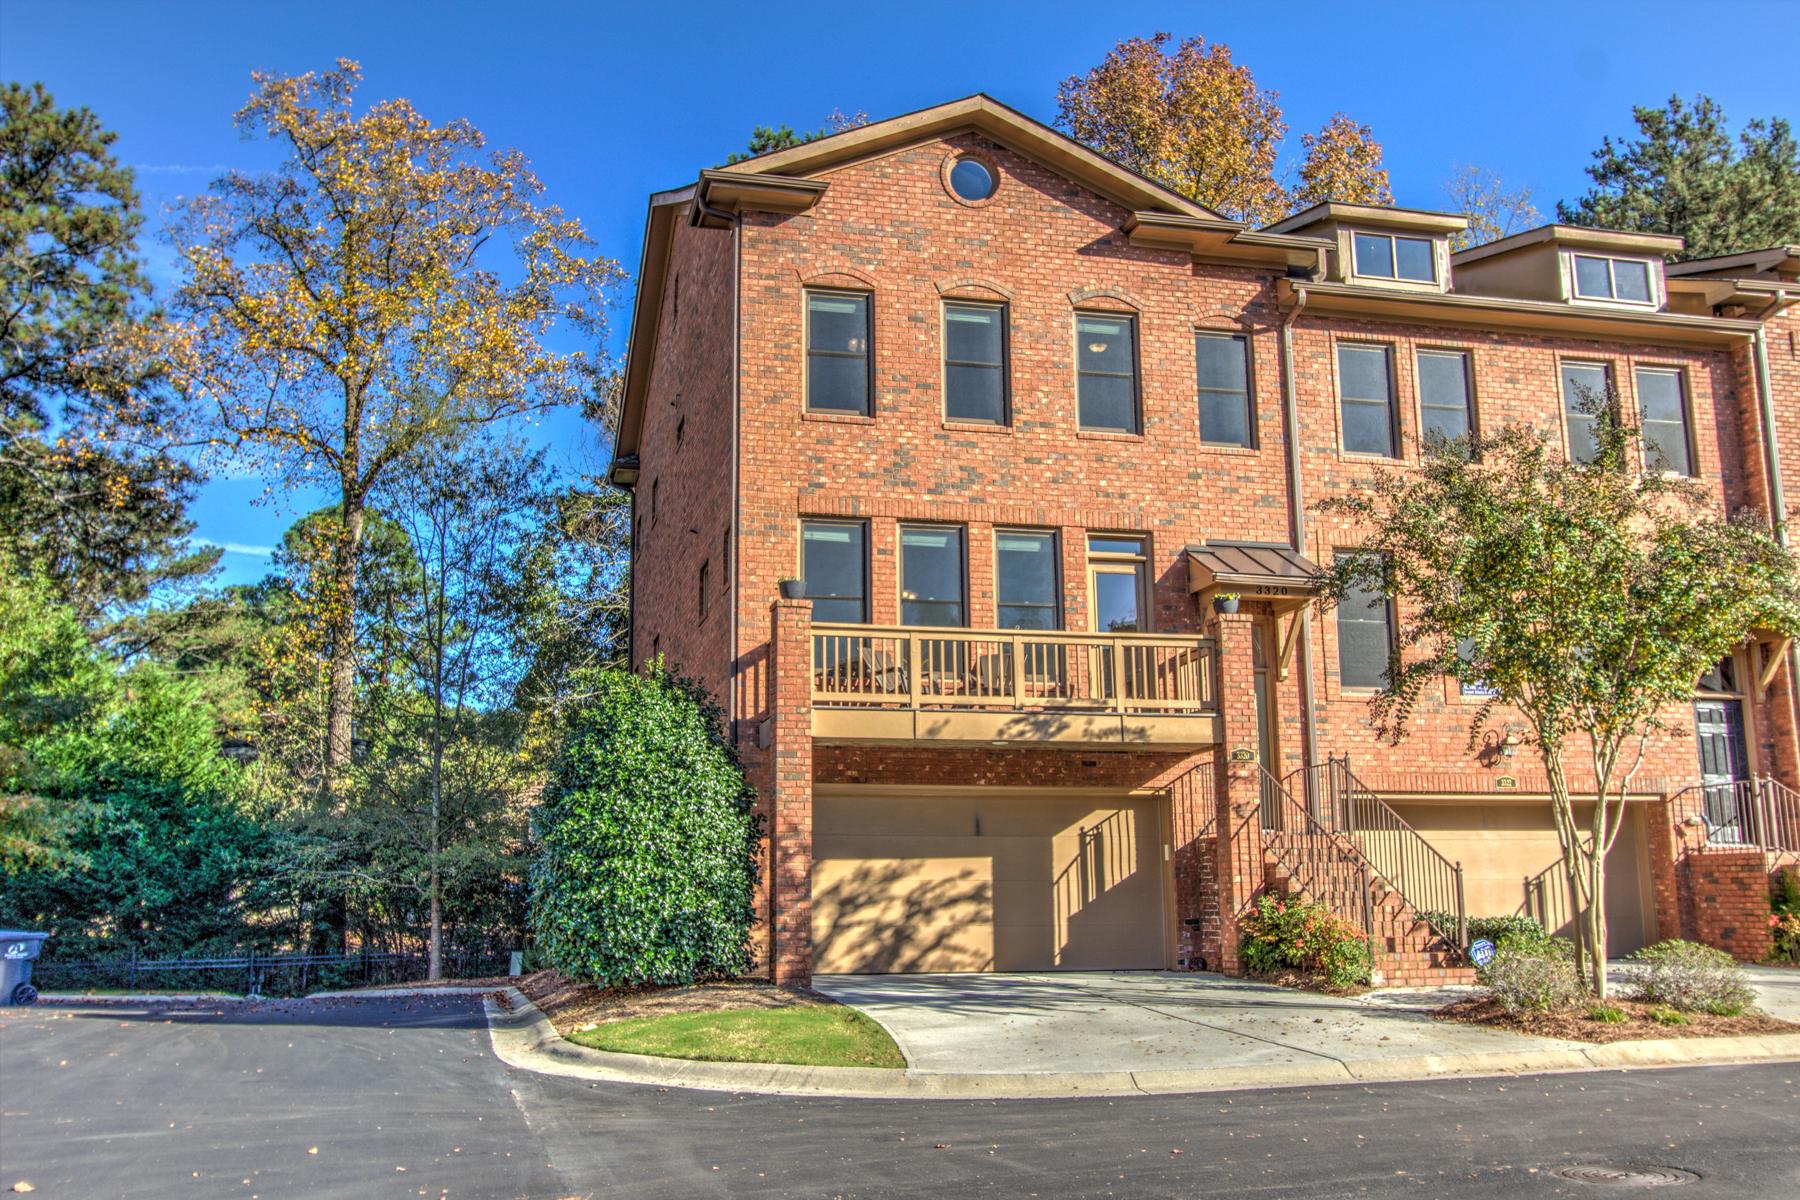 タウンハウス のために 売買 アット Extraordinary Townhouse 3320 Chestnut Woods Circle Atlanta, ジョージア 30340 アメリカ合衆国